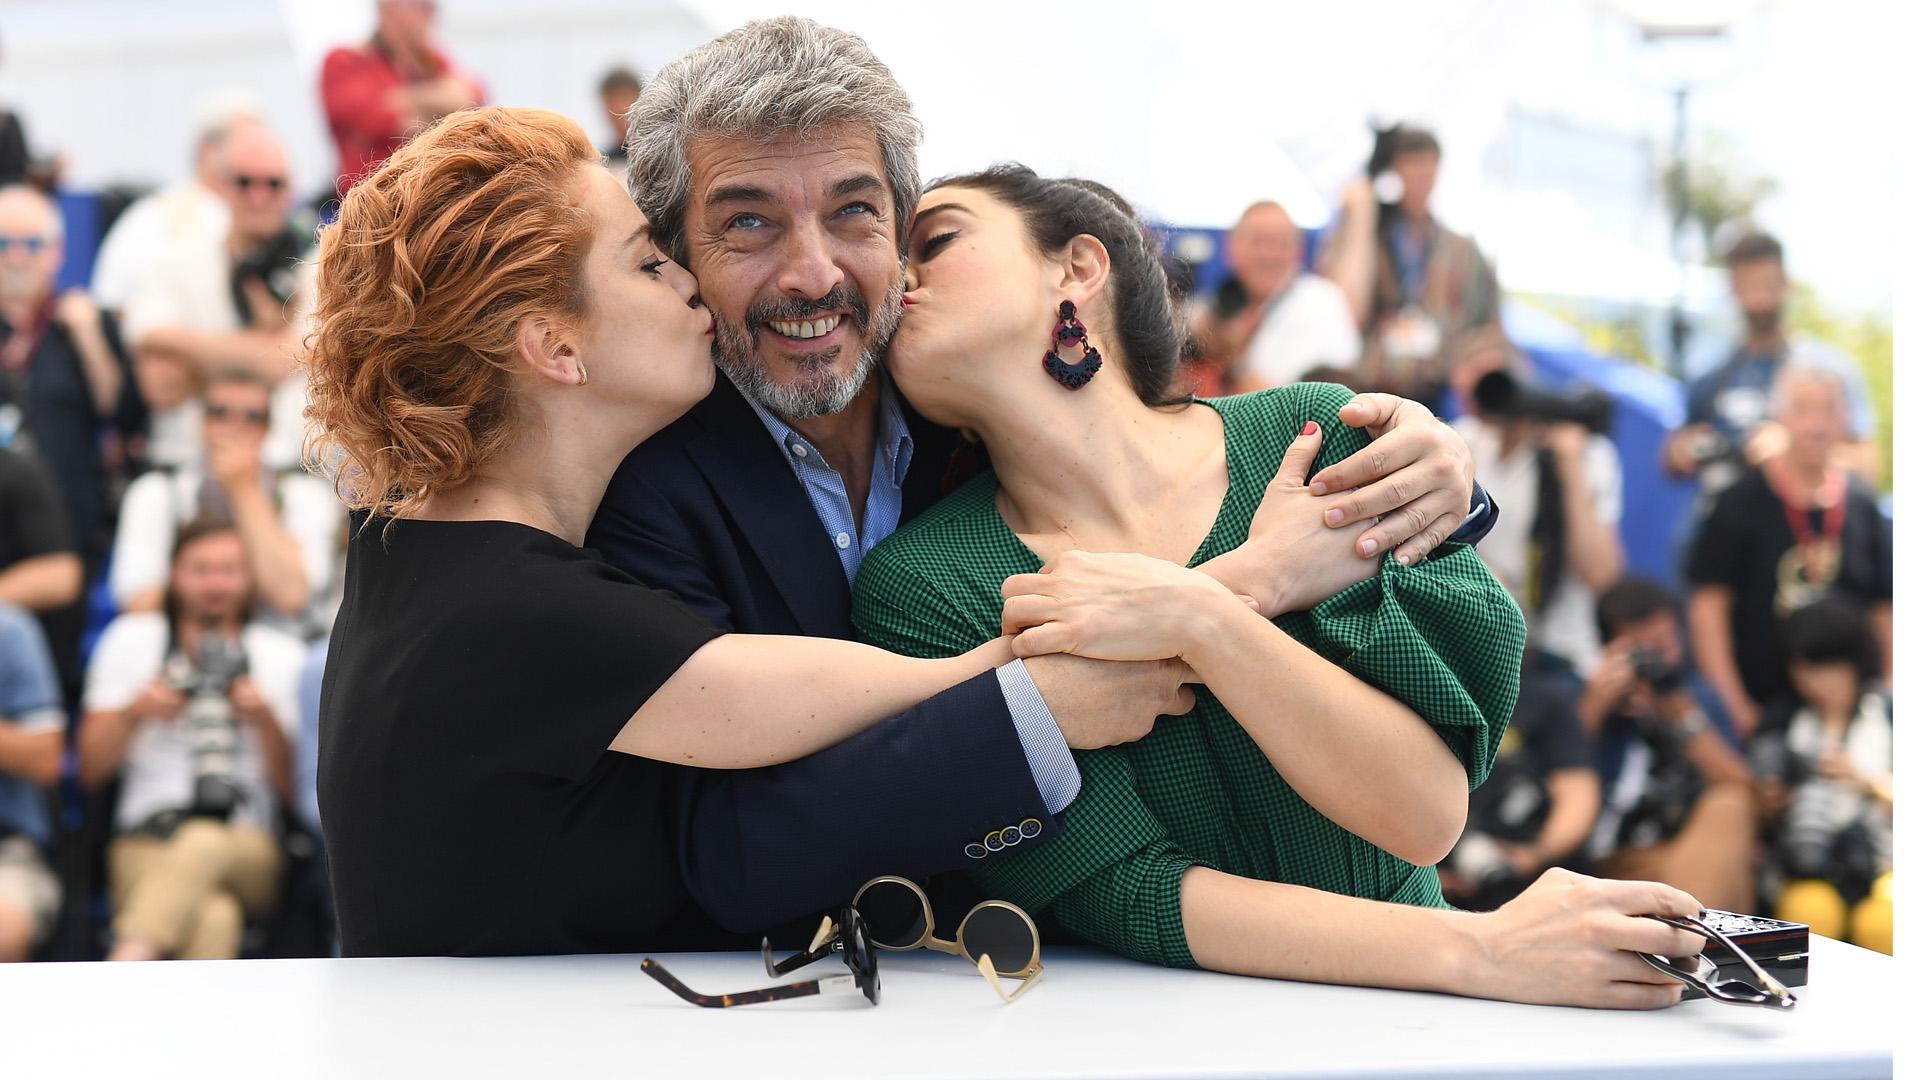 Complicidad, elegancia y sobriedad en la alfombra roja del festival de cine más importante: Cannes (Photo by Pascal Le Segretain/Getty Images)